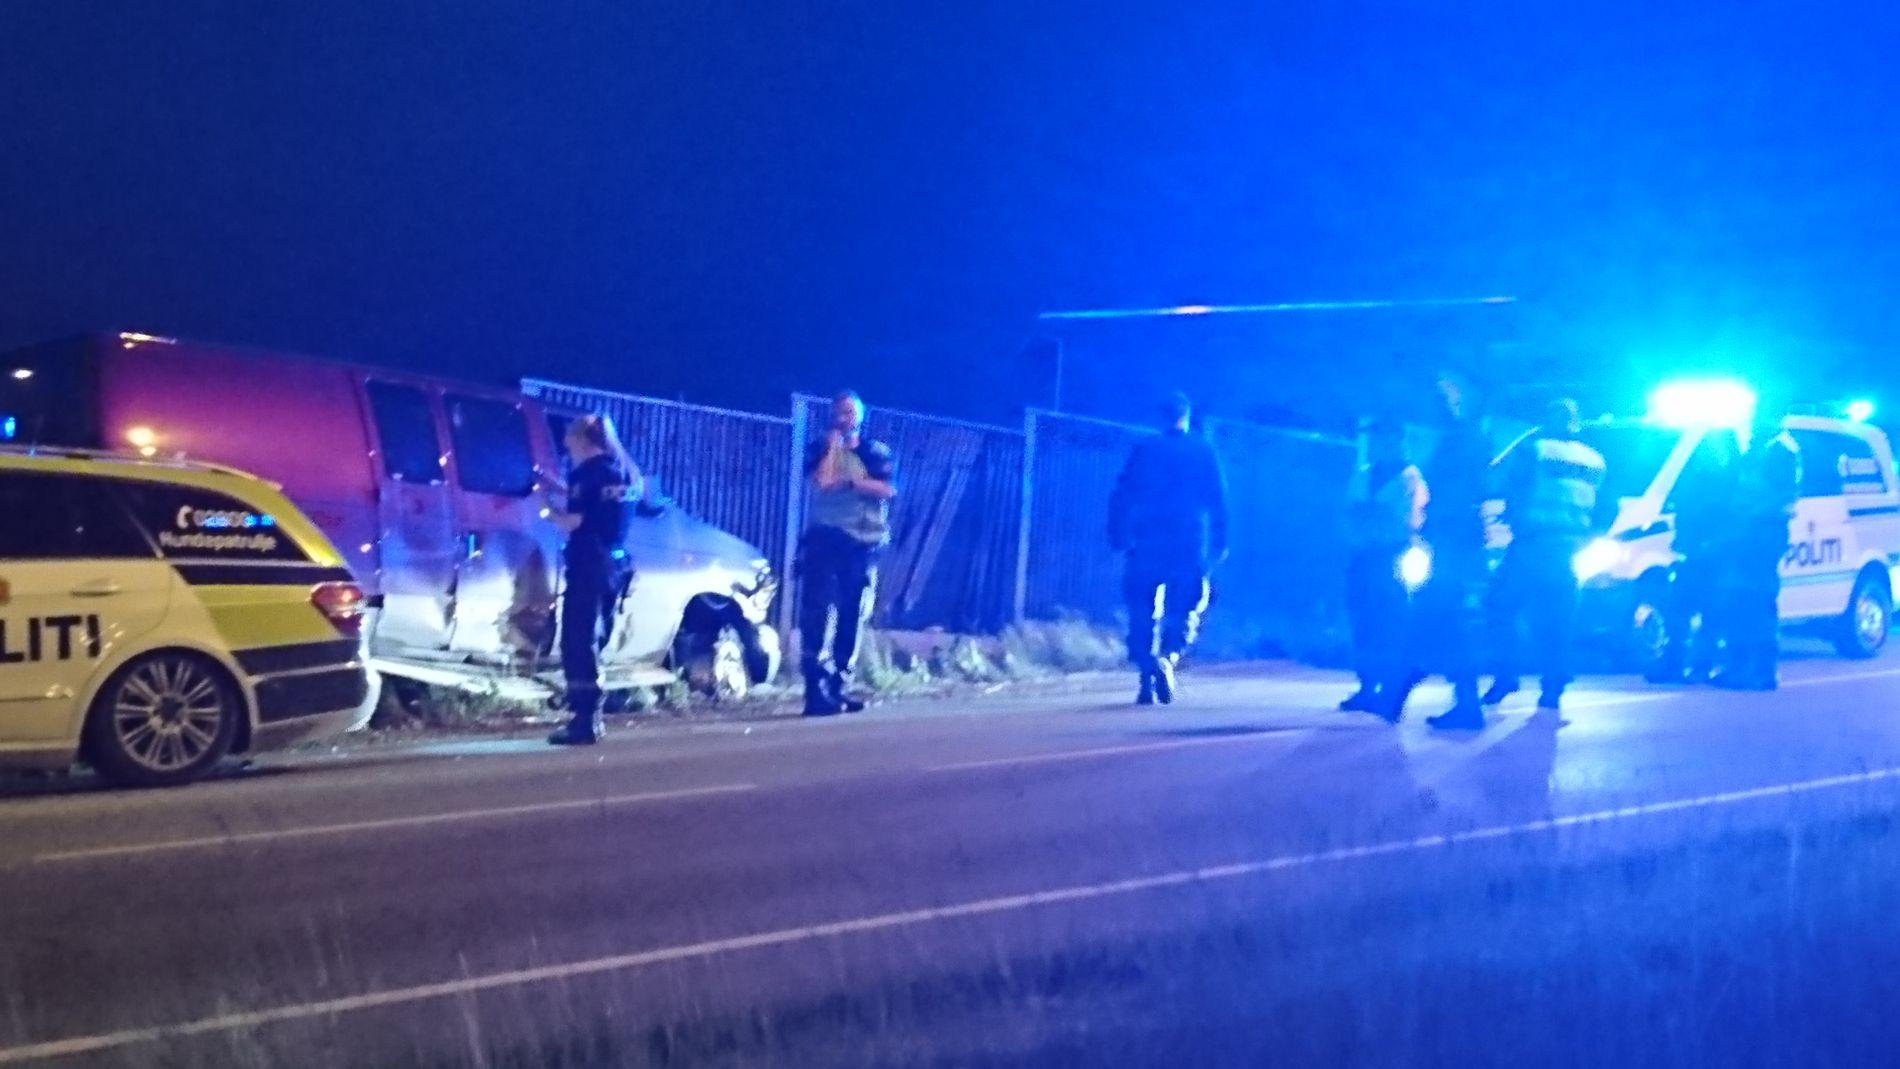 FÅTT EN SMELL: Sjåføren som la på flukt fra politiet er mistenkt for ruskjøring. Han måtte til slutt presses av veien.